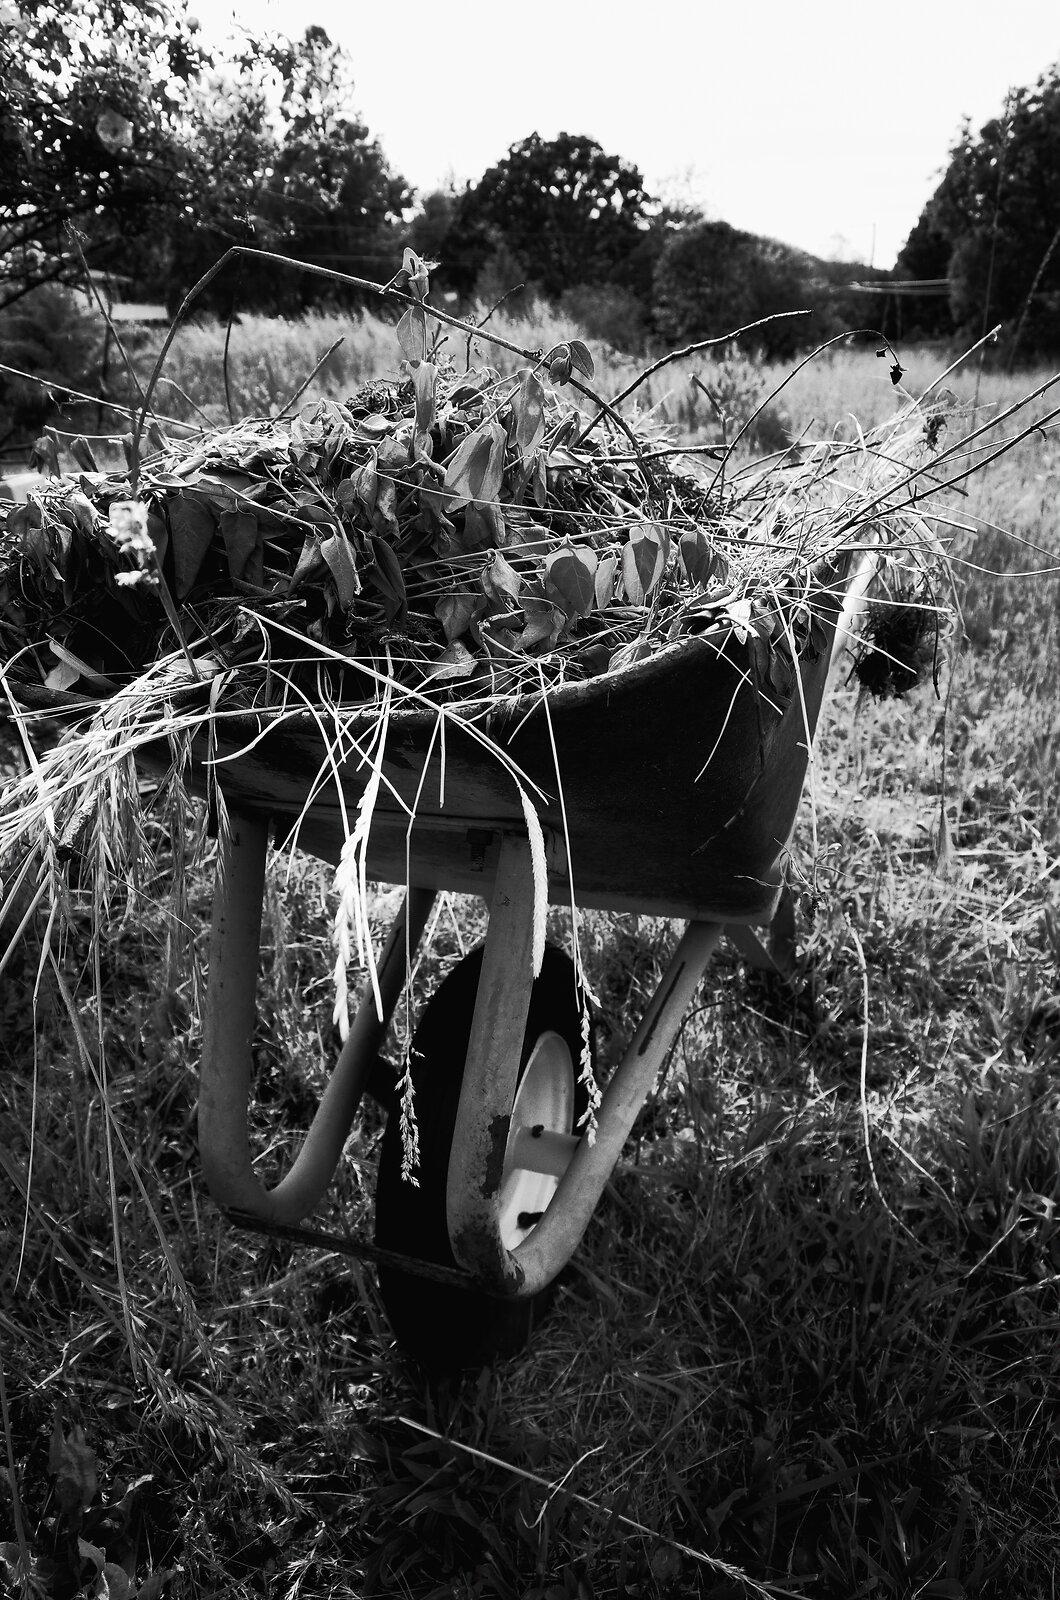 GRII_May25_Wheelbarrow#3.jpg